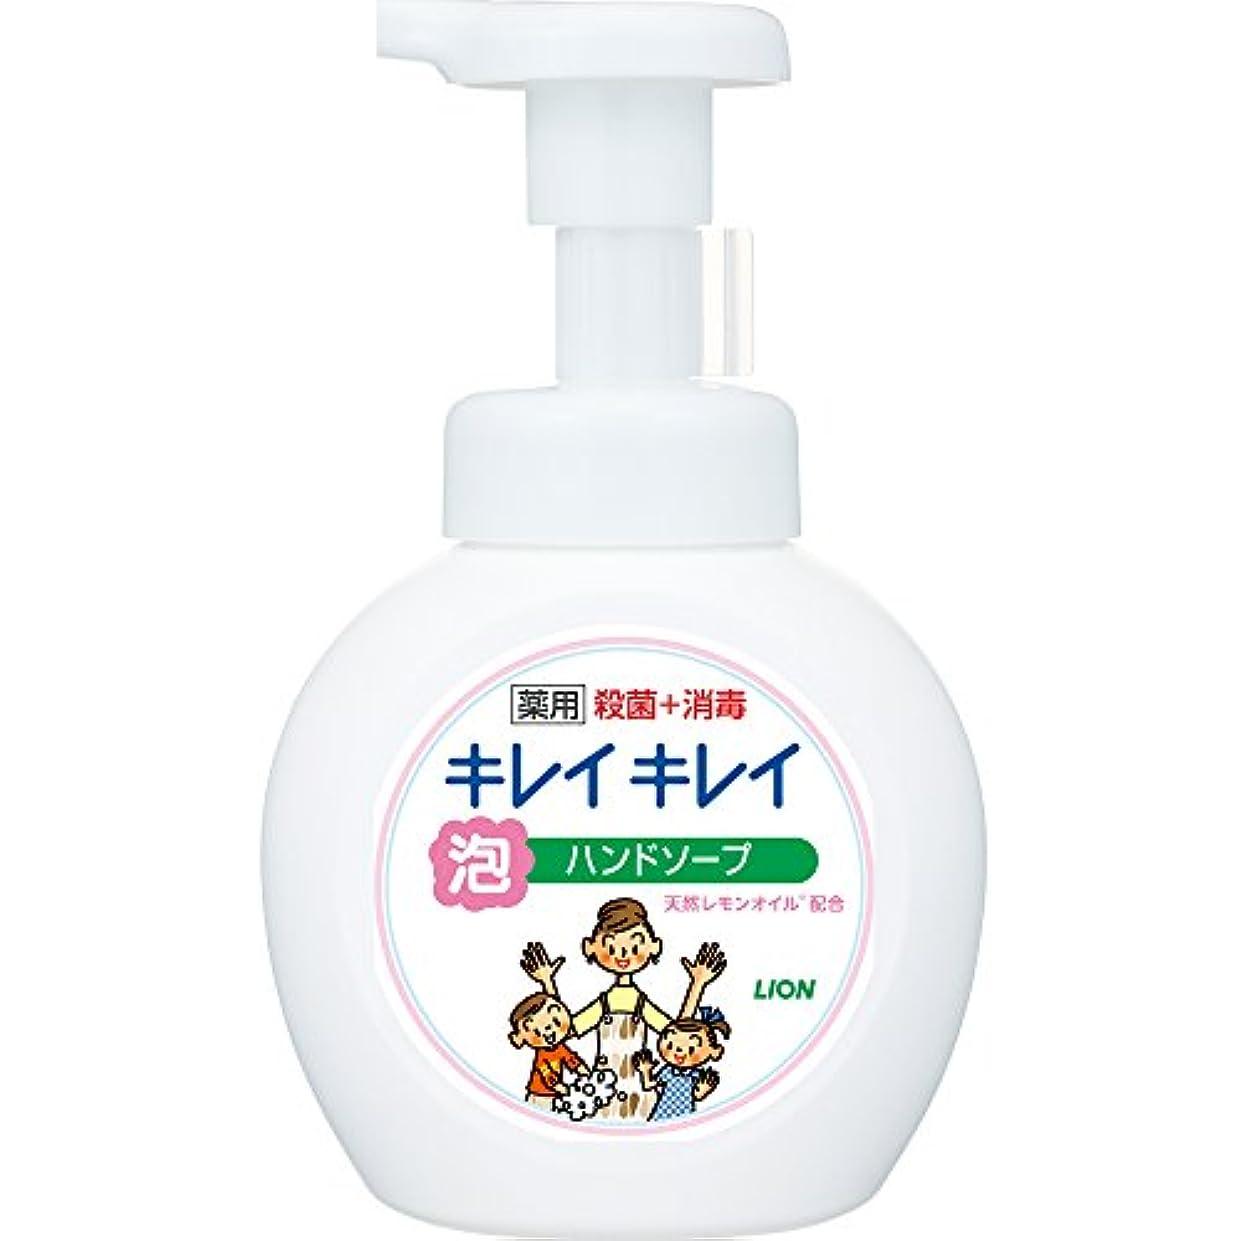 スチュワーデスネコ自動車キレイキレイ 薬用 泡ハンドソープ シトラスフルーティの香り 本体ポンプ 250ml(医薬部外品)